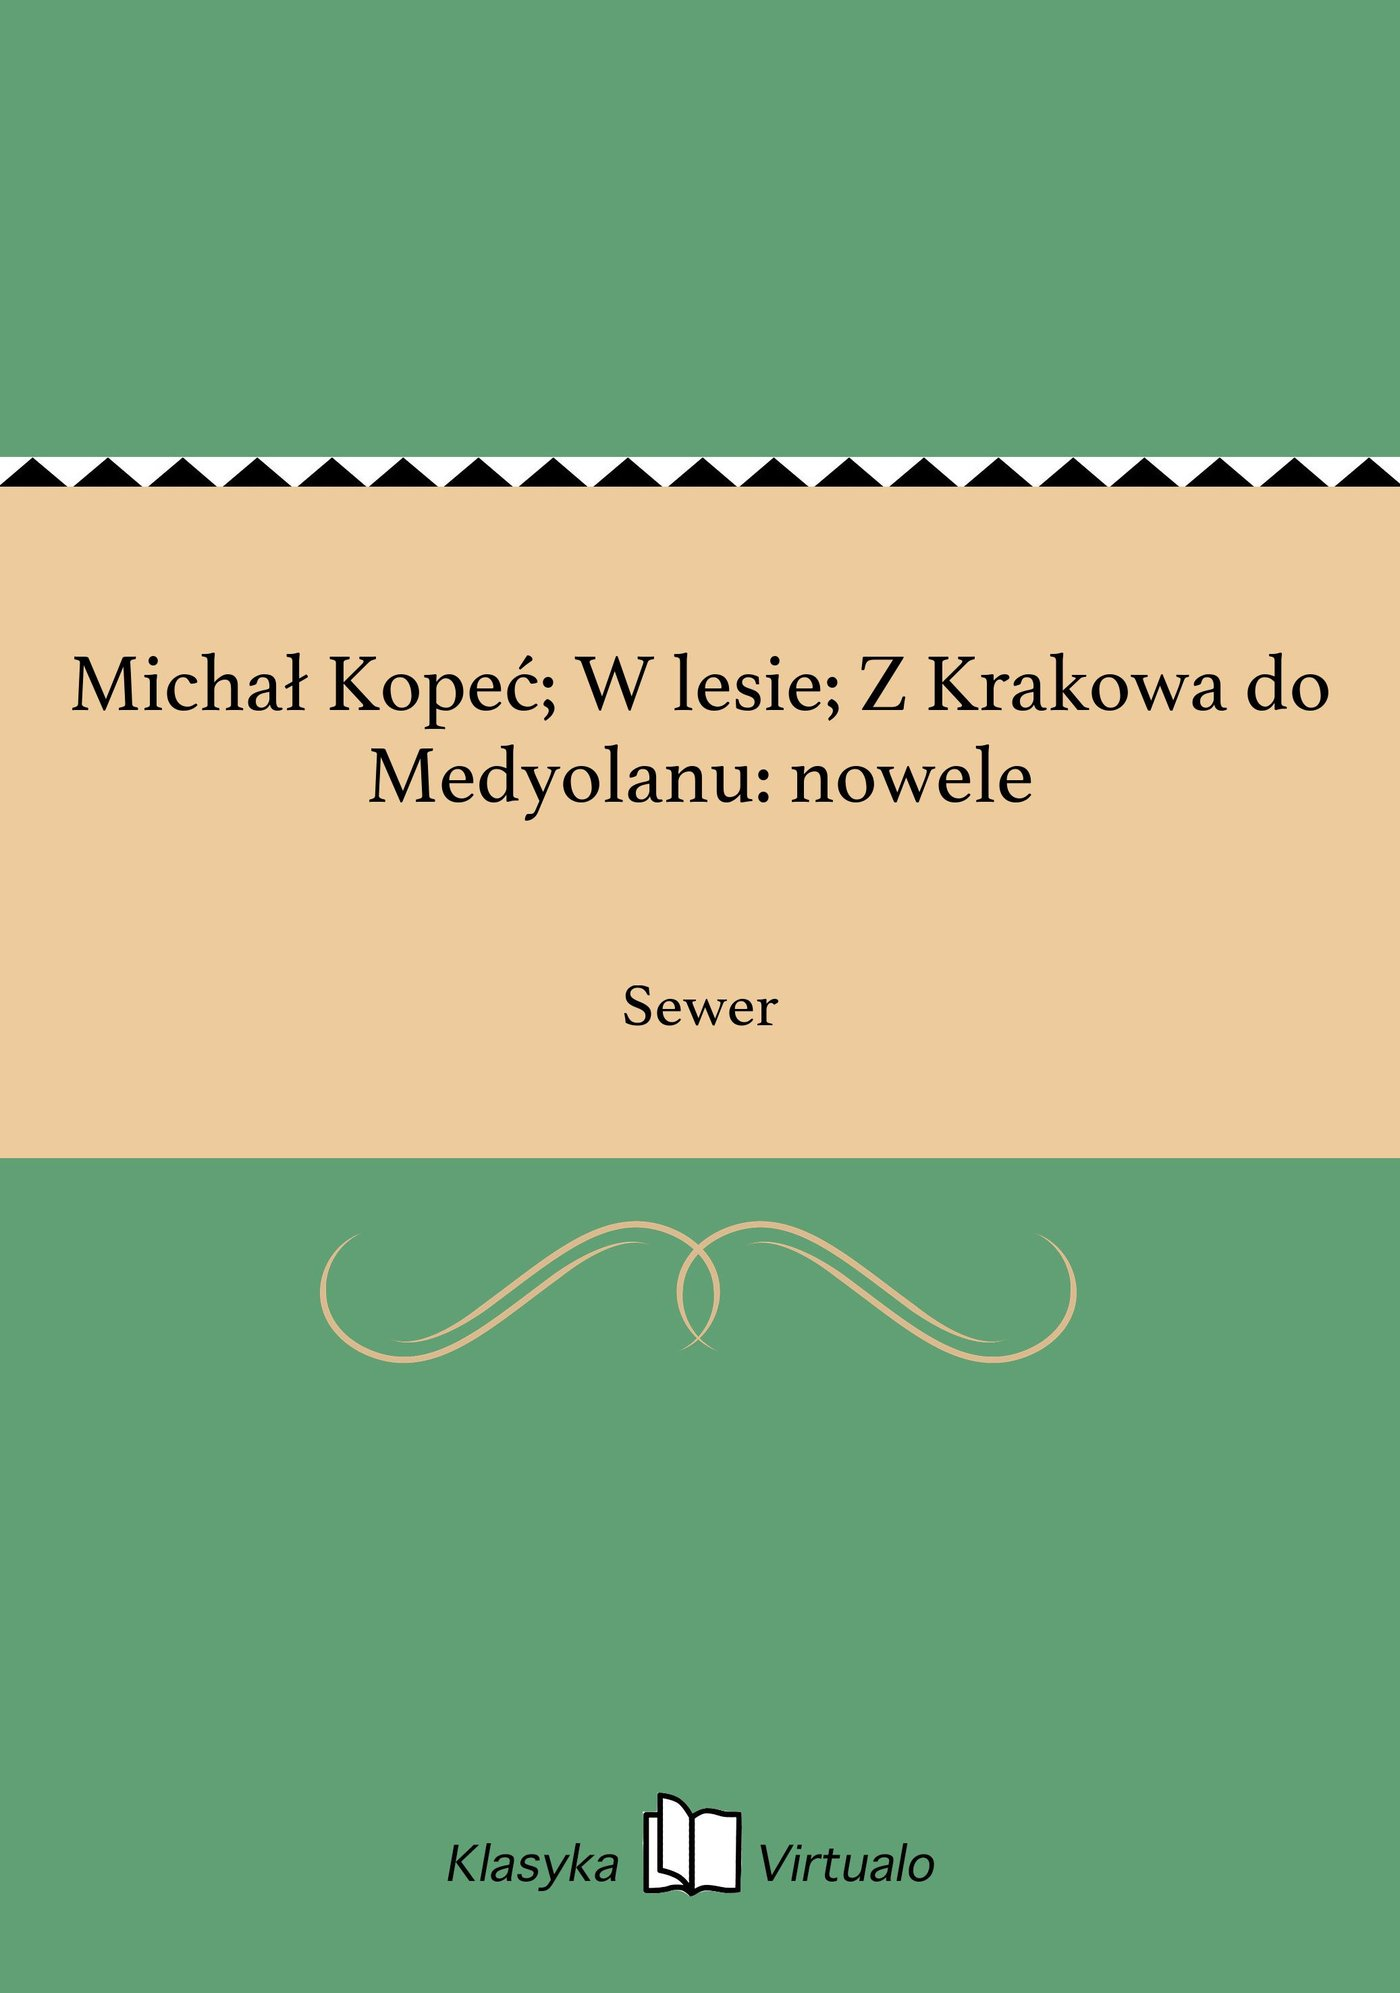 Michał Kopeć; W lesie; Z Krakowa do Medyolanu: nowele - Ebook (Książka na Kindle) do pobrania w formacie MOBI